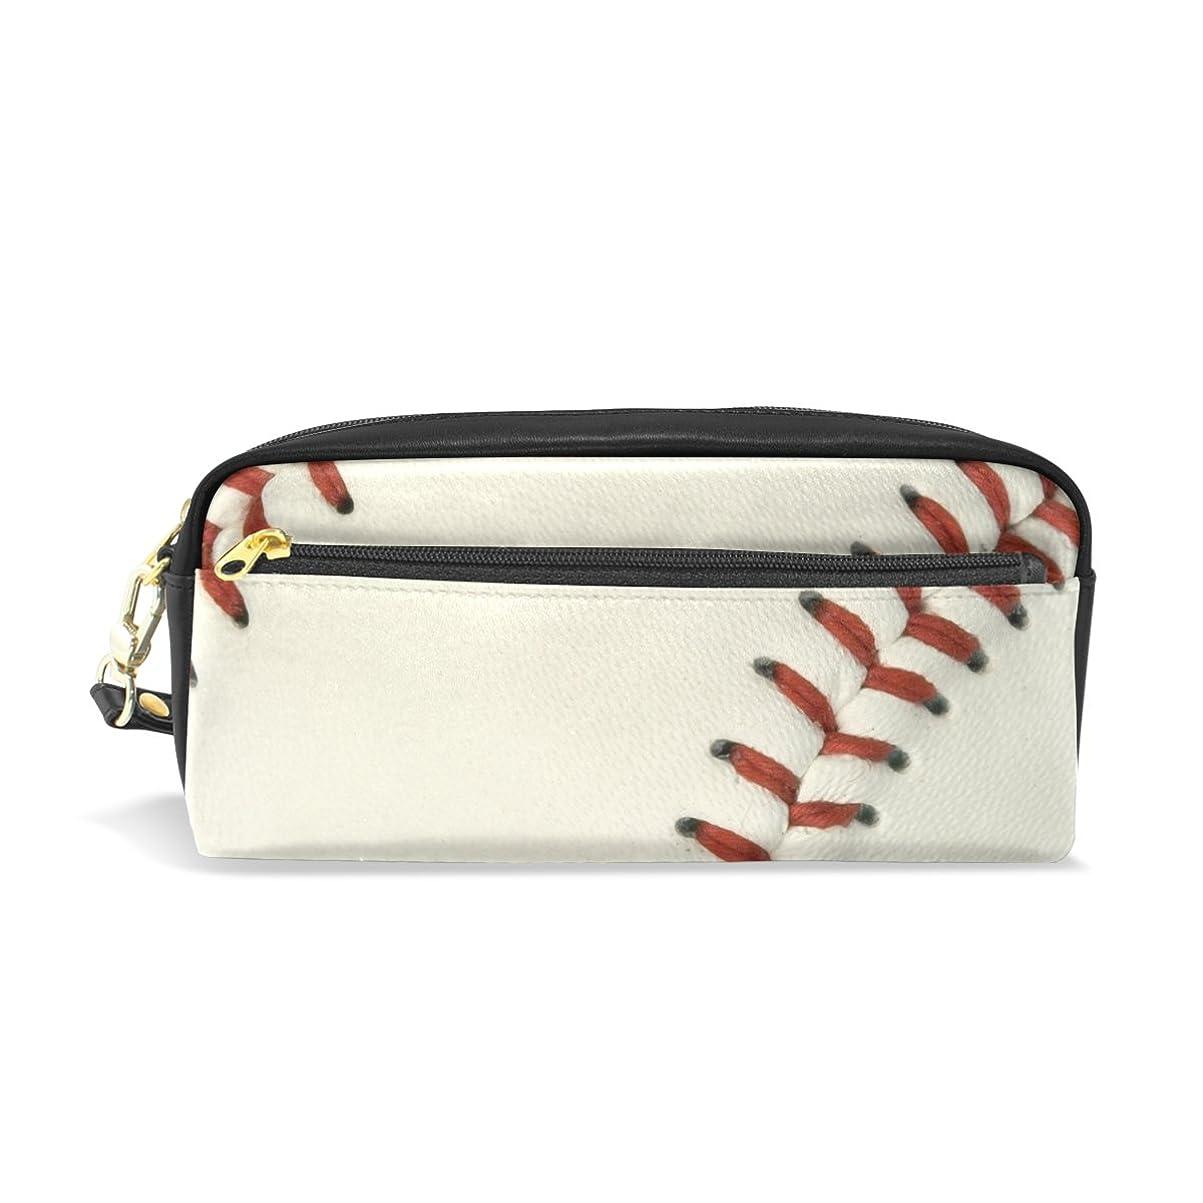 真空メーカー借りているAOMOKI ペンケース 化粧ポーチ 小物入り 多機能バッグ レディース 野球 ブラック